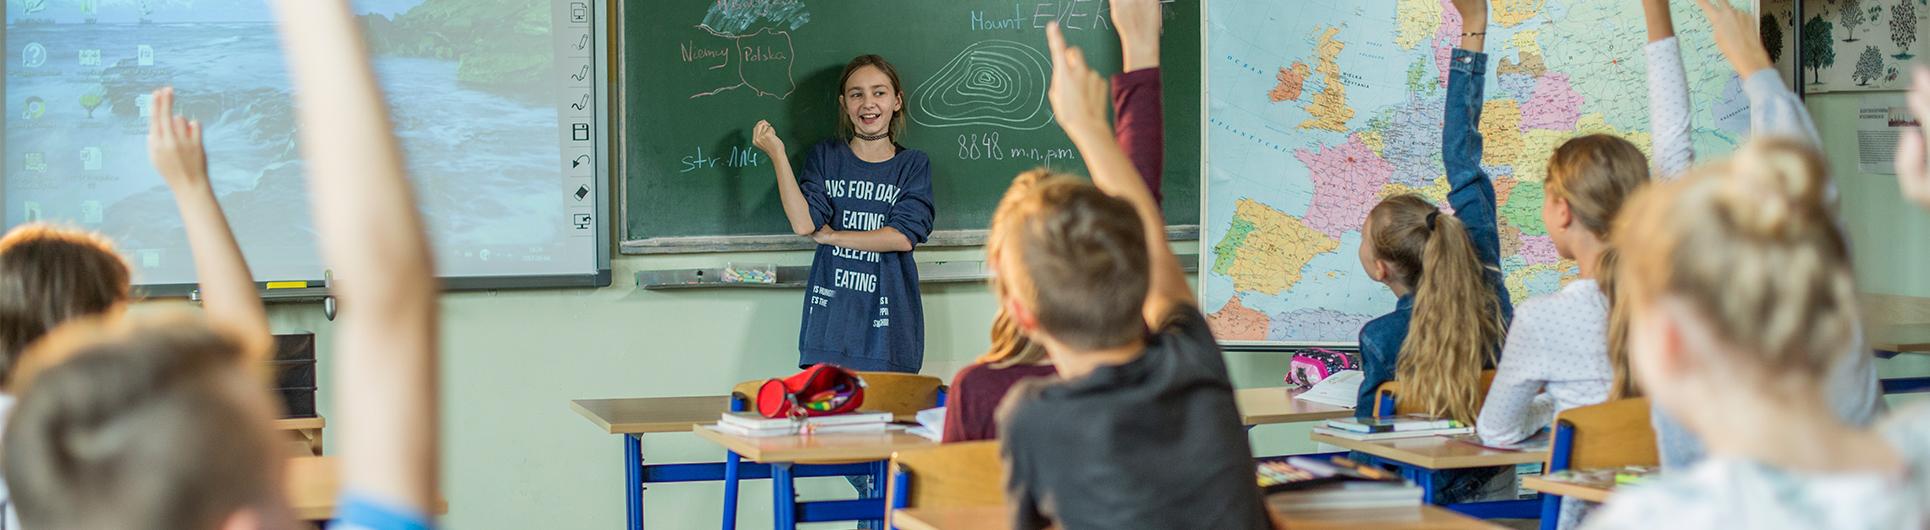 dzieci zgłaszają się pdoczas lekcji, jedna uczennica stoi przy zielonej tablicy